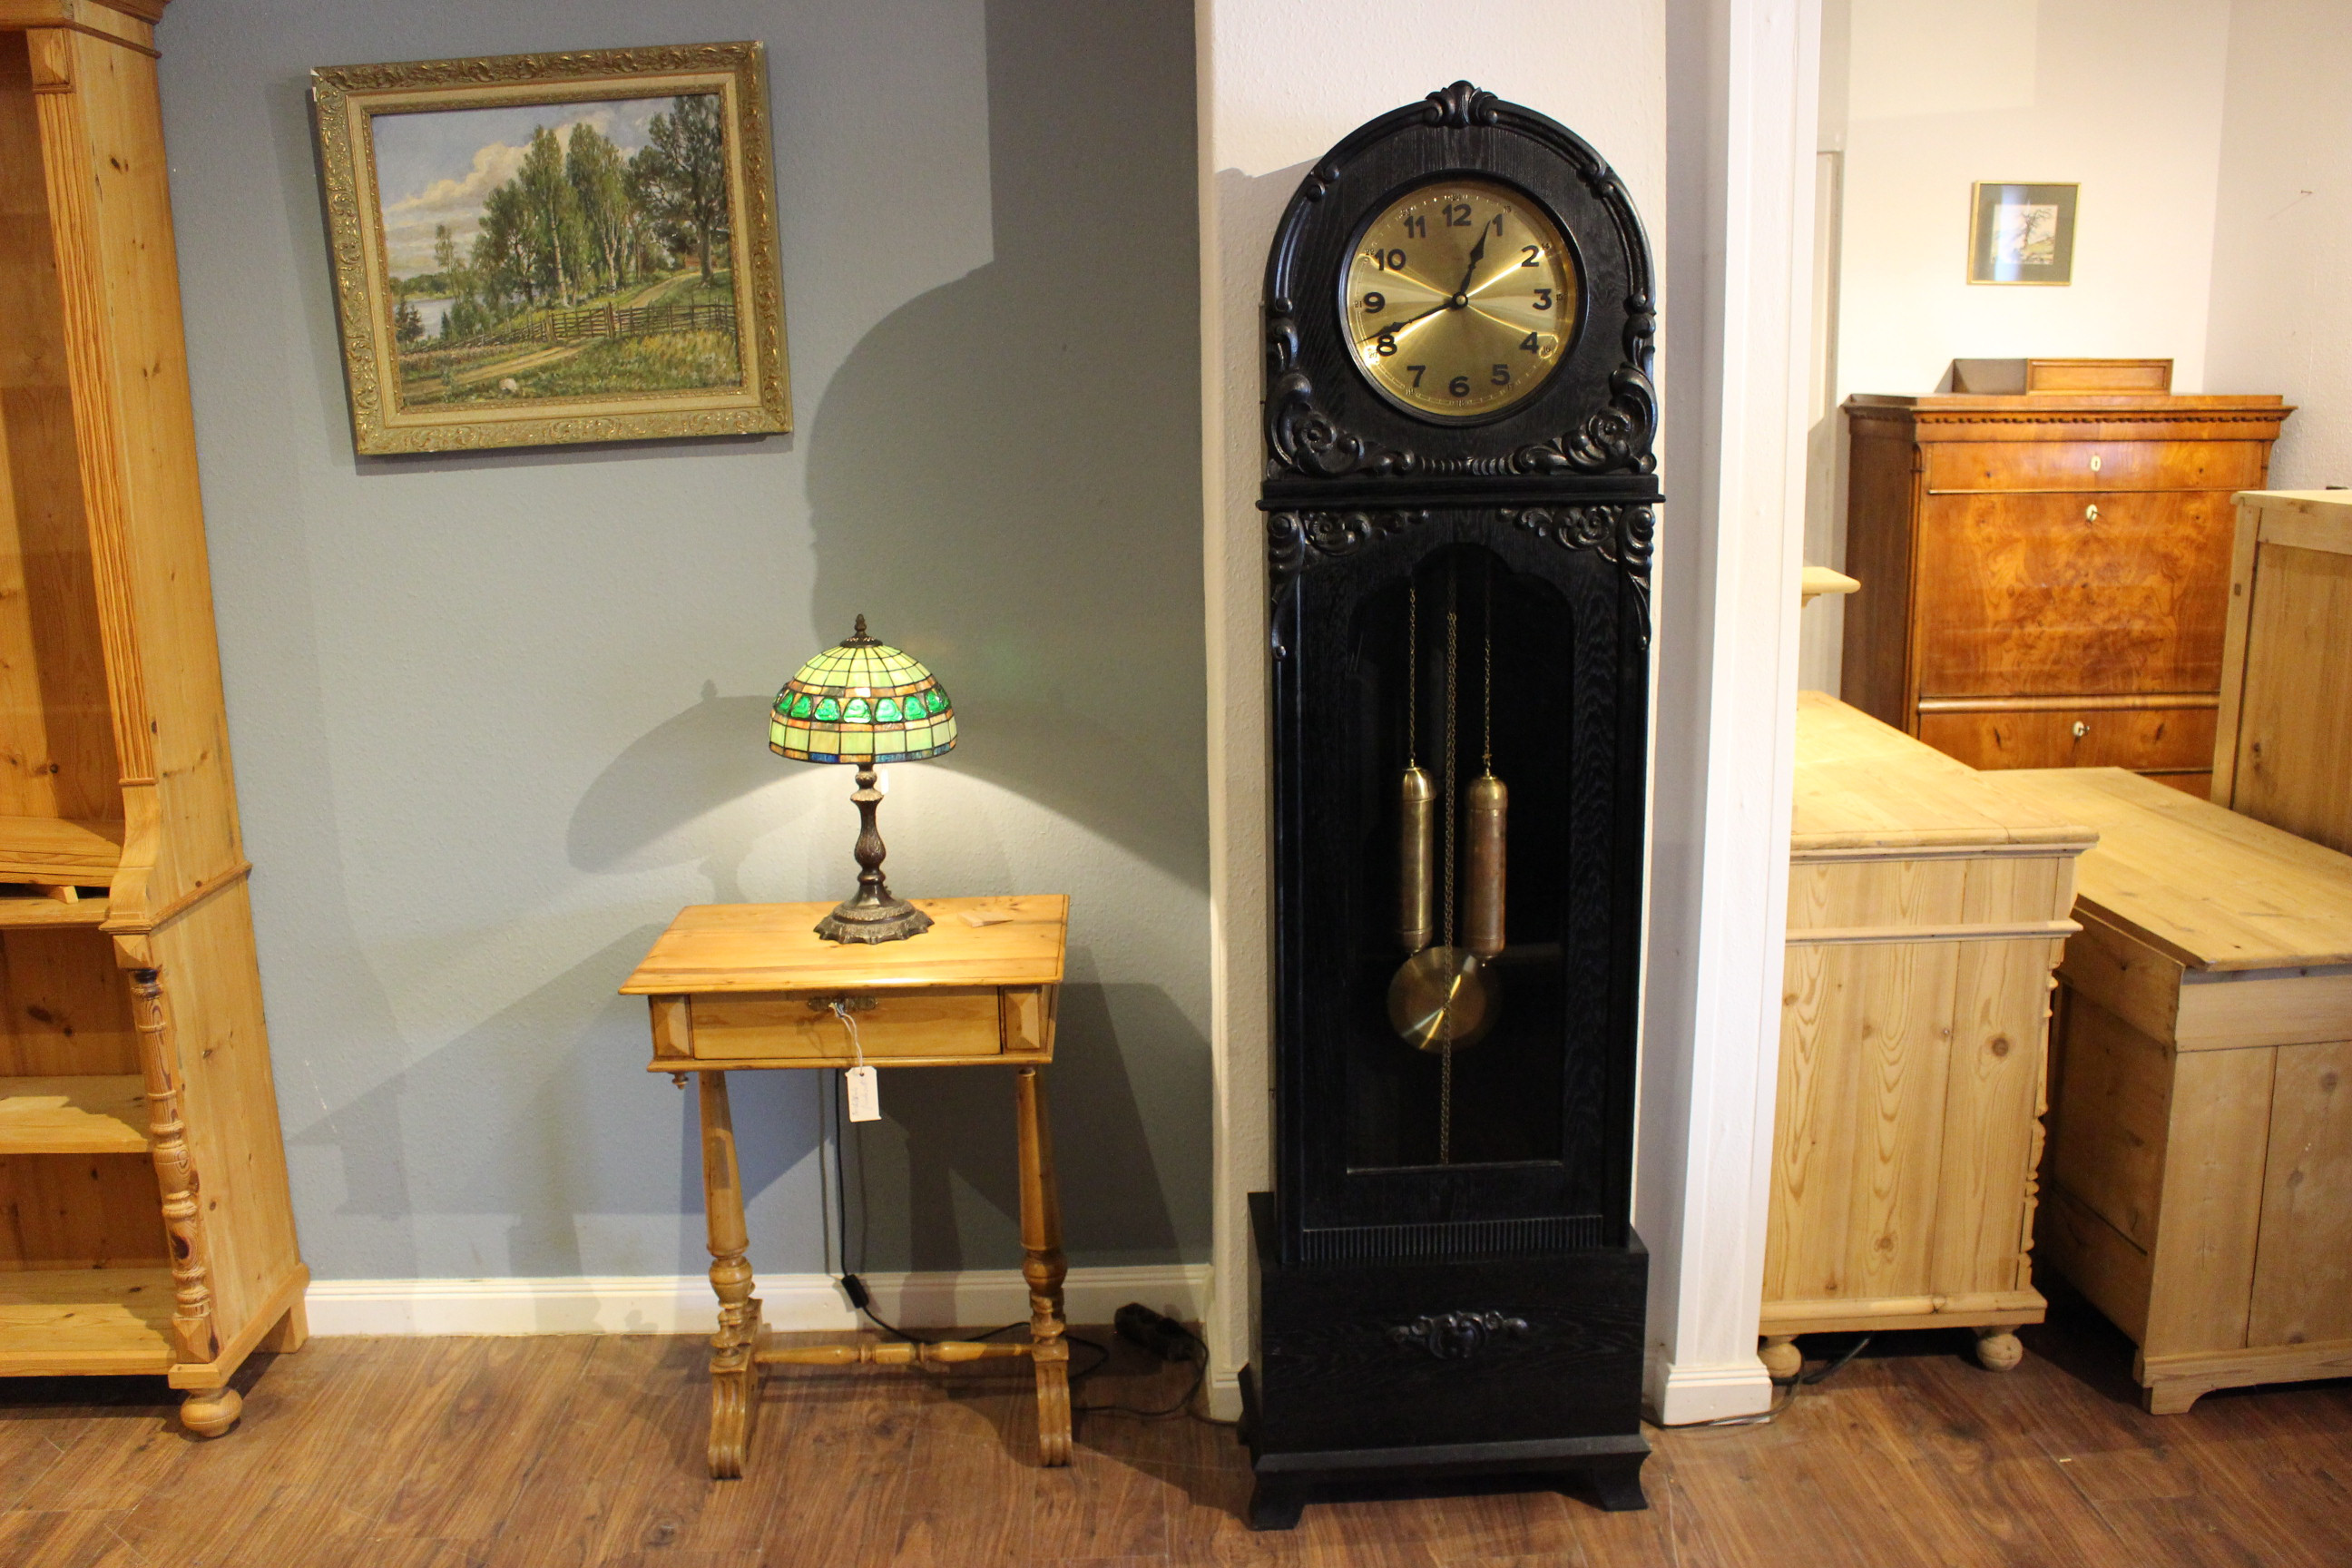 antikes Sammelsurium, Uhren Betten Garderoben Lampen usw.